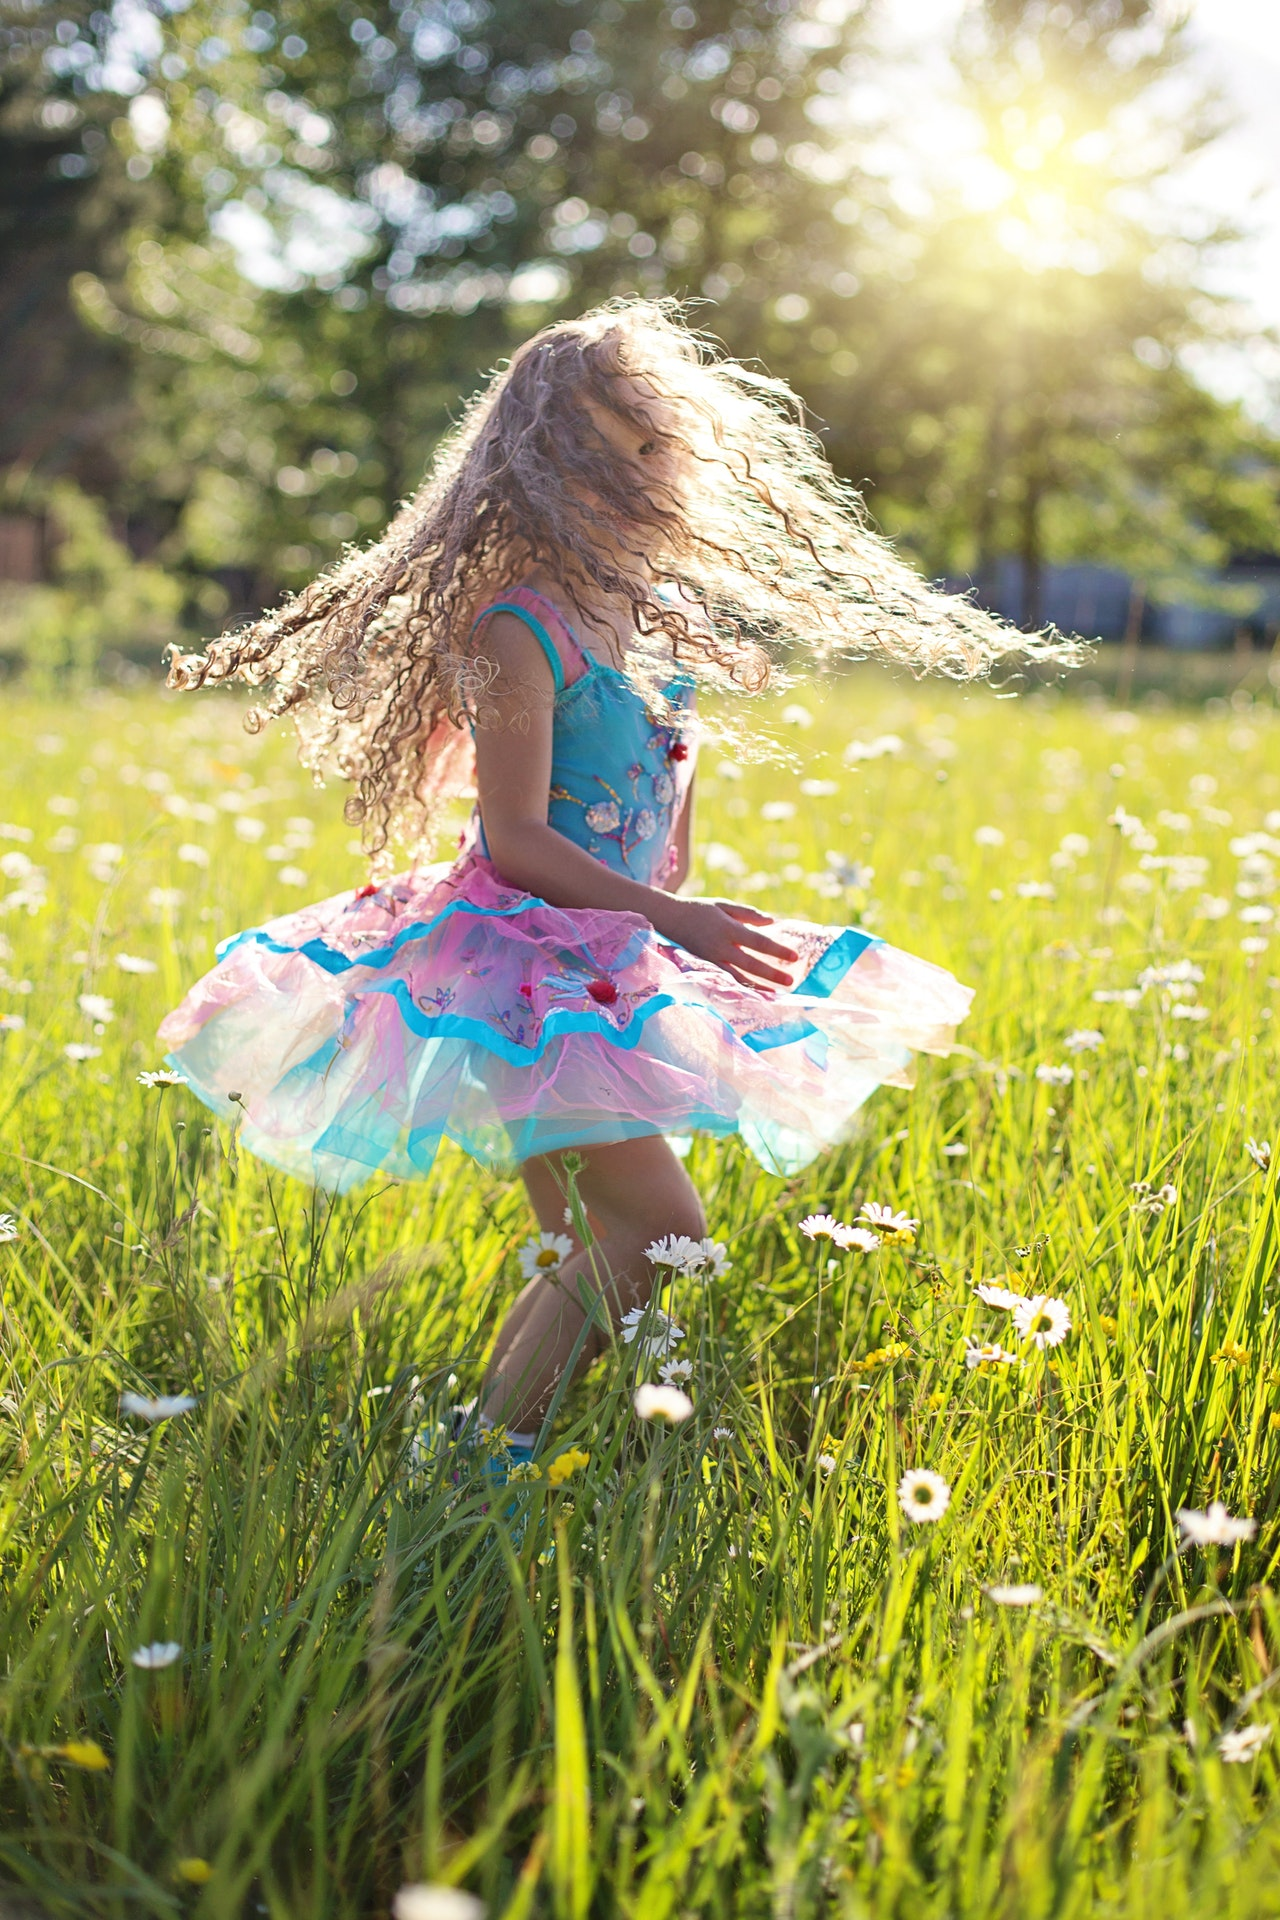 De dans van het kind